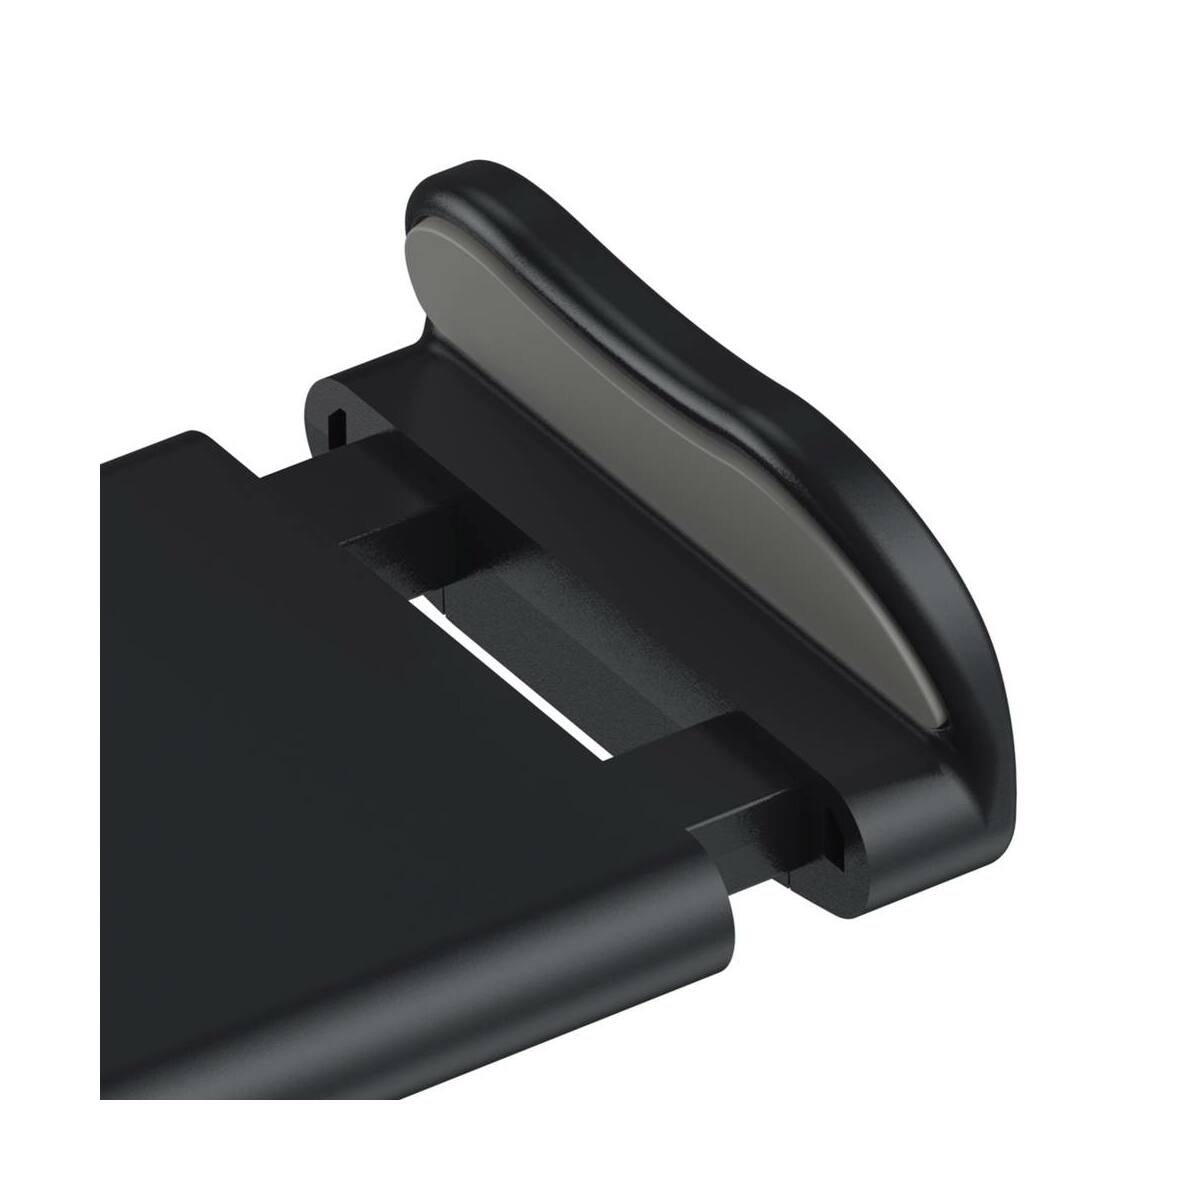 Baseus kiegésztő Unlimited adjustment, minden irányban állítható telefontartó, szürke (SULR-0G)